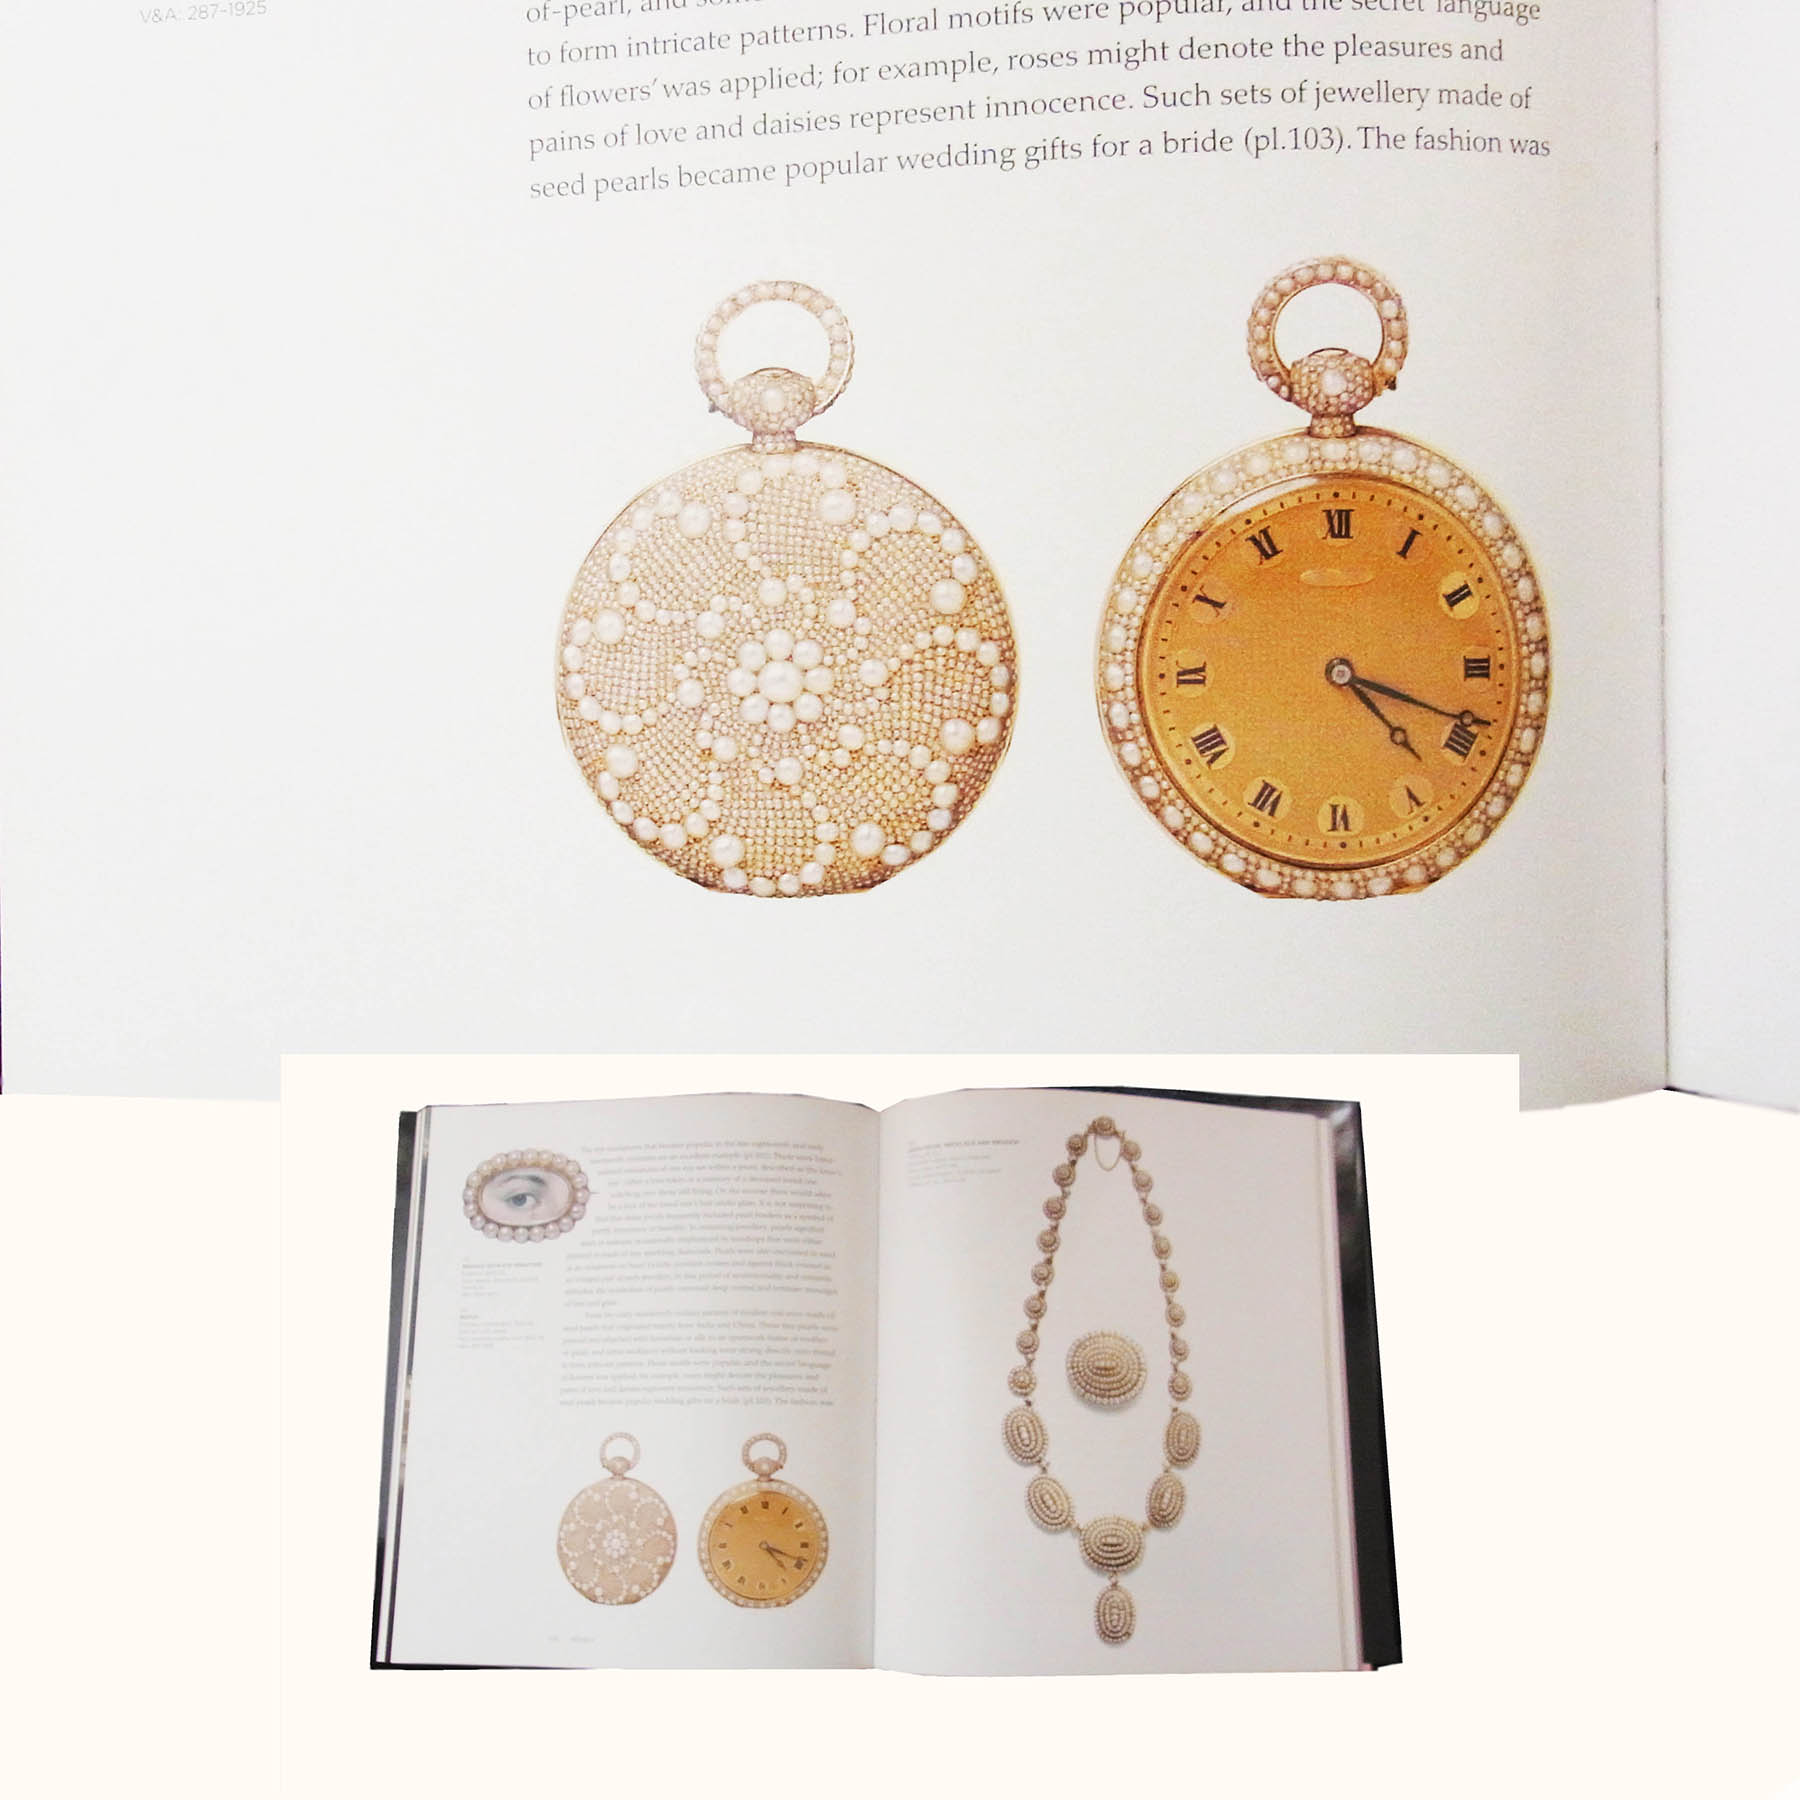 天然真珠 懐中時計 ポケットウオッチ アンティークジュエリー オブジェ フランス